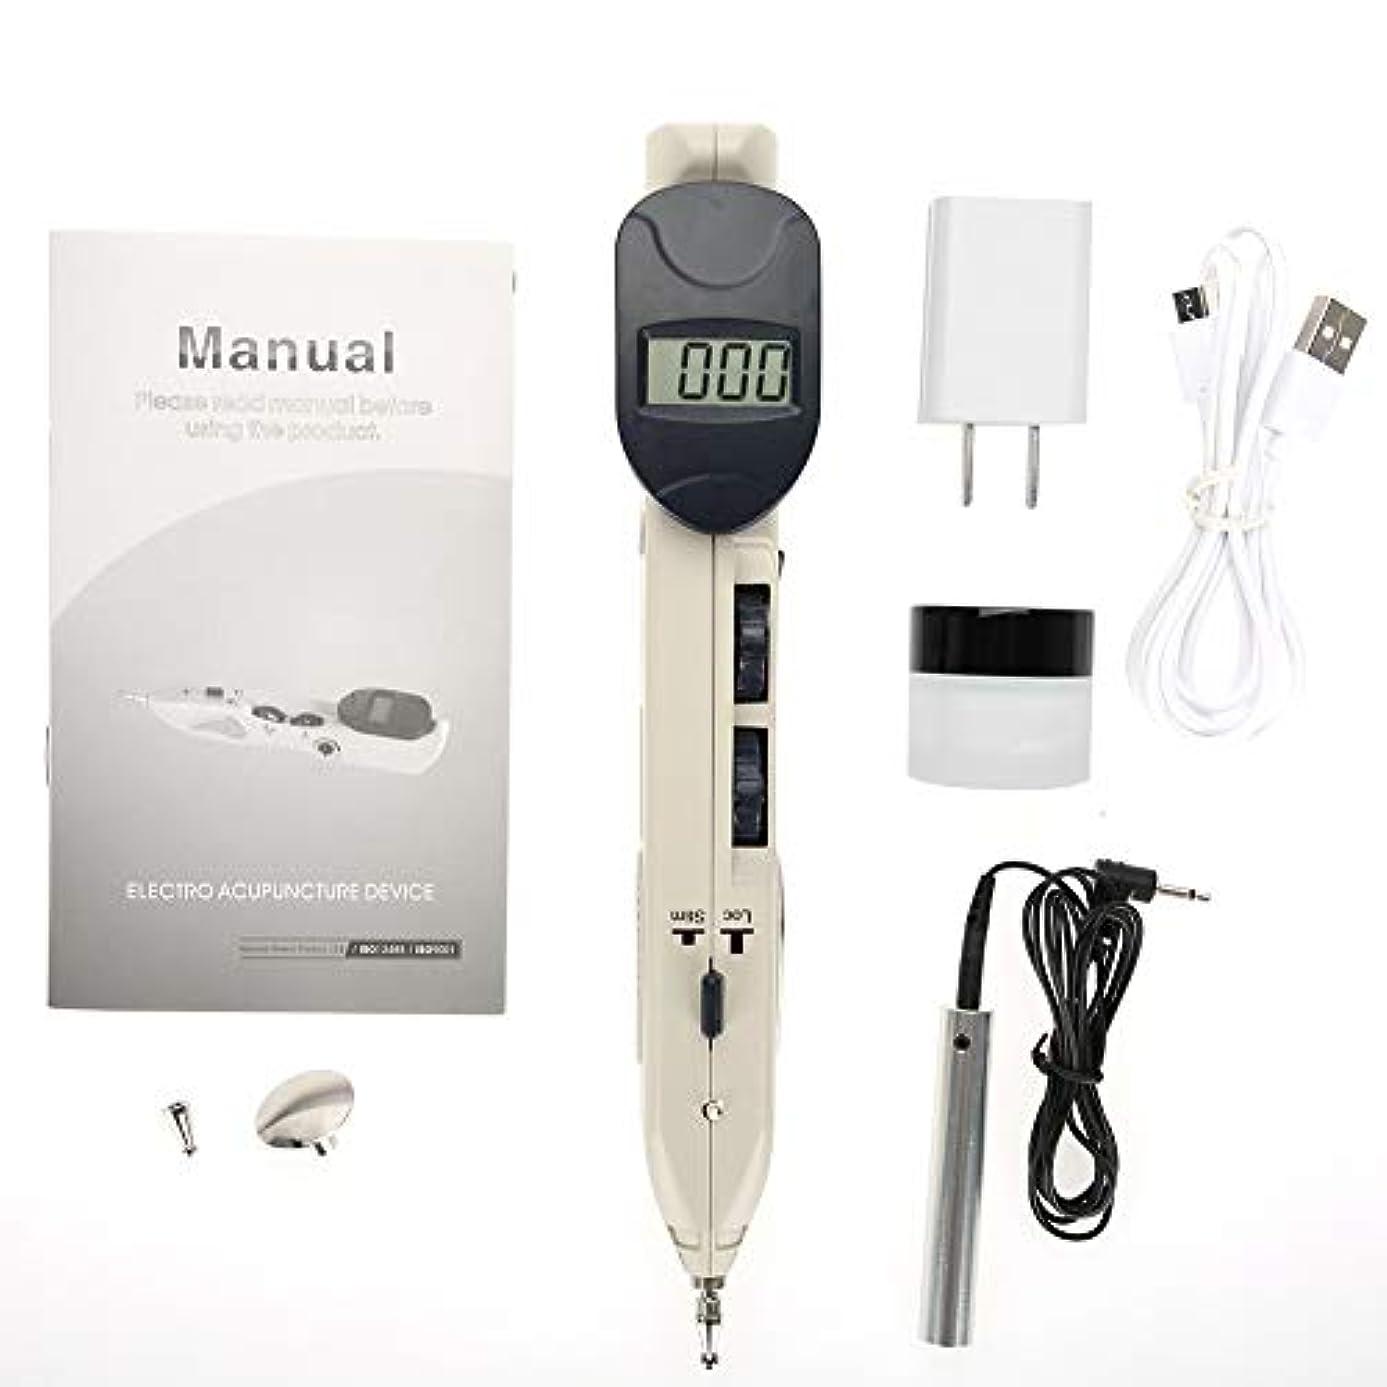 の配列ストッキングロックツボ押し グッズ 電子鍼ペン 背中 腰 電子鍼治療装置 ヘルスケアペン